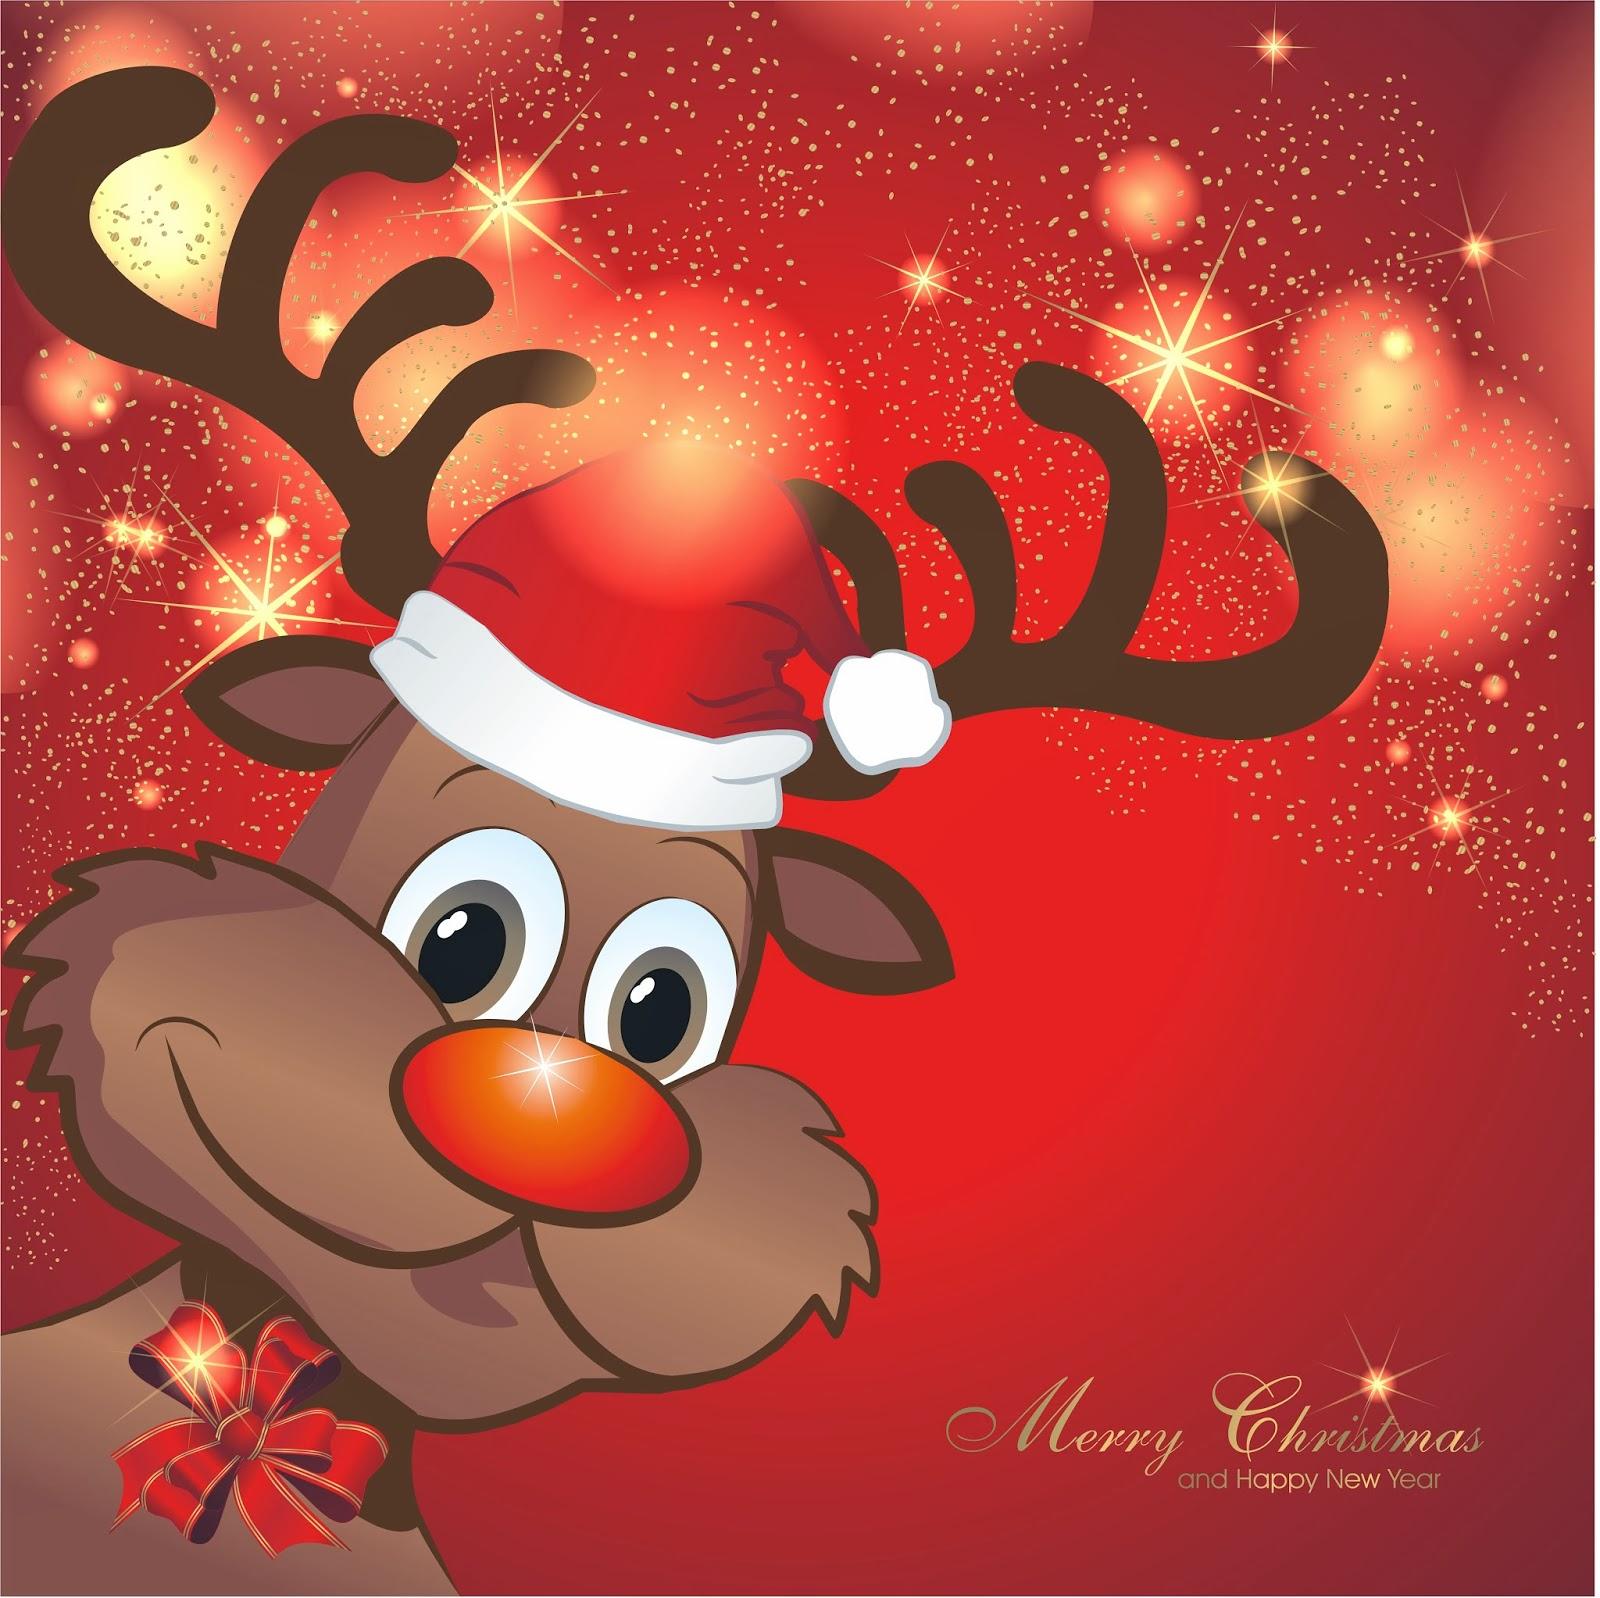 Weihnachtsbilder Downloaden: Wallpaper Tierbilder Weihnachtlich verwandt mit Kostenlos Weihnachtsbilder Runterladen